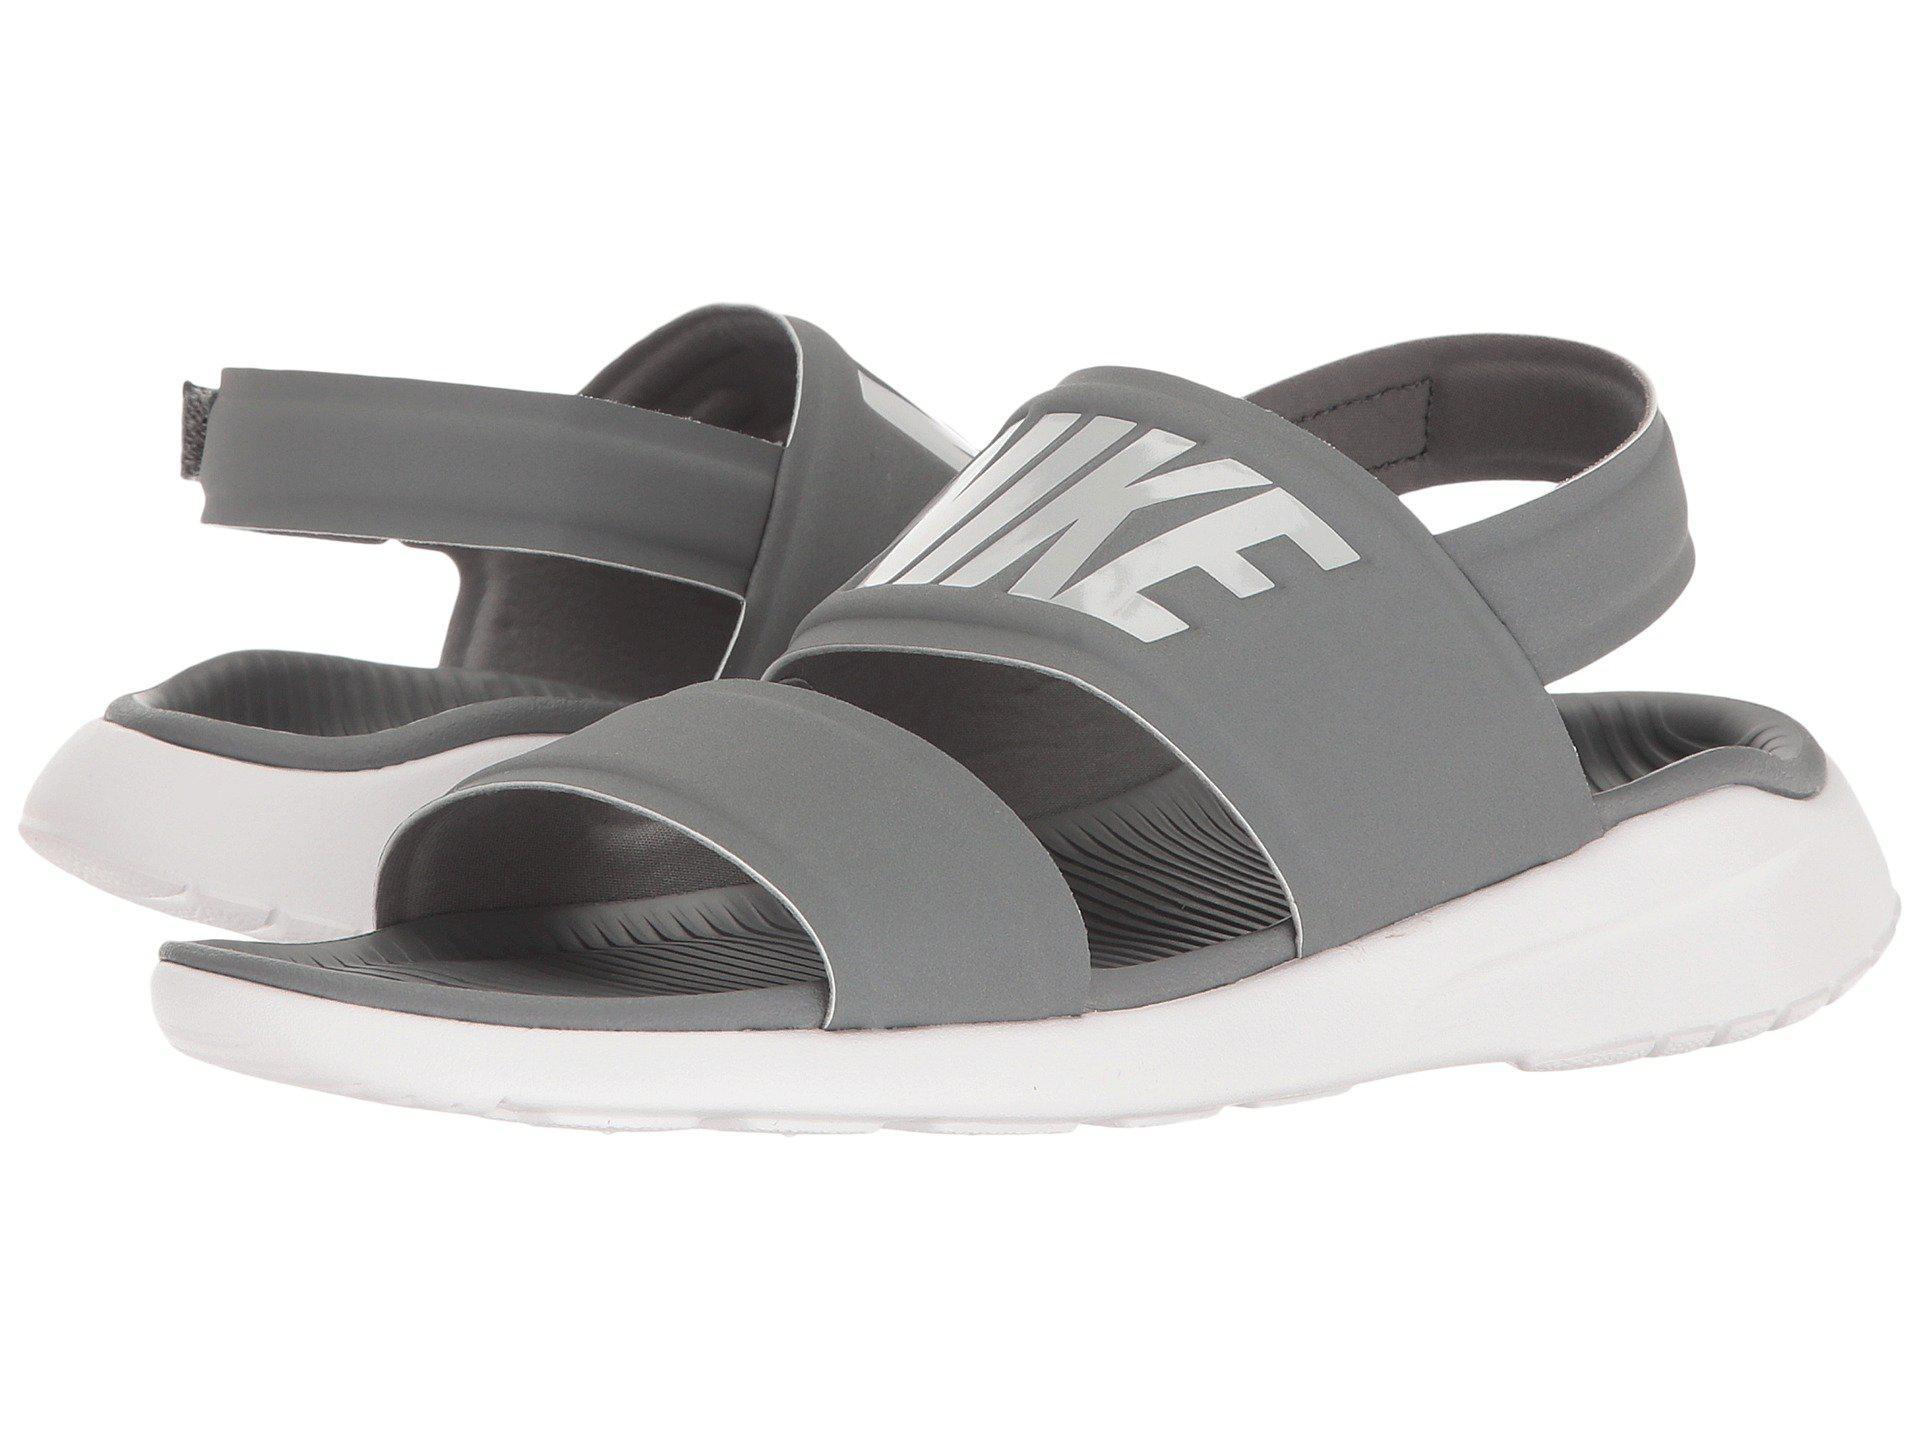 lyst nike tanjun sandalo (cool grigio / bianco / di puro platino) donne